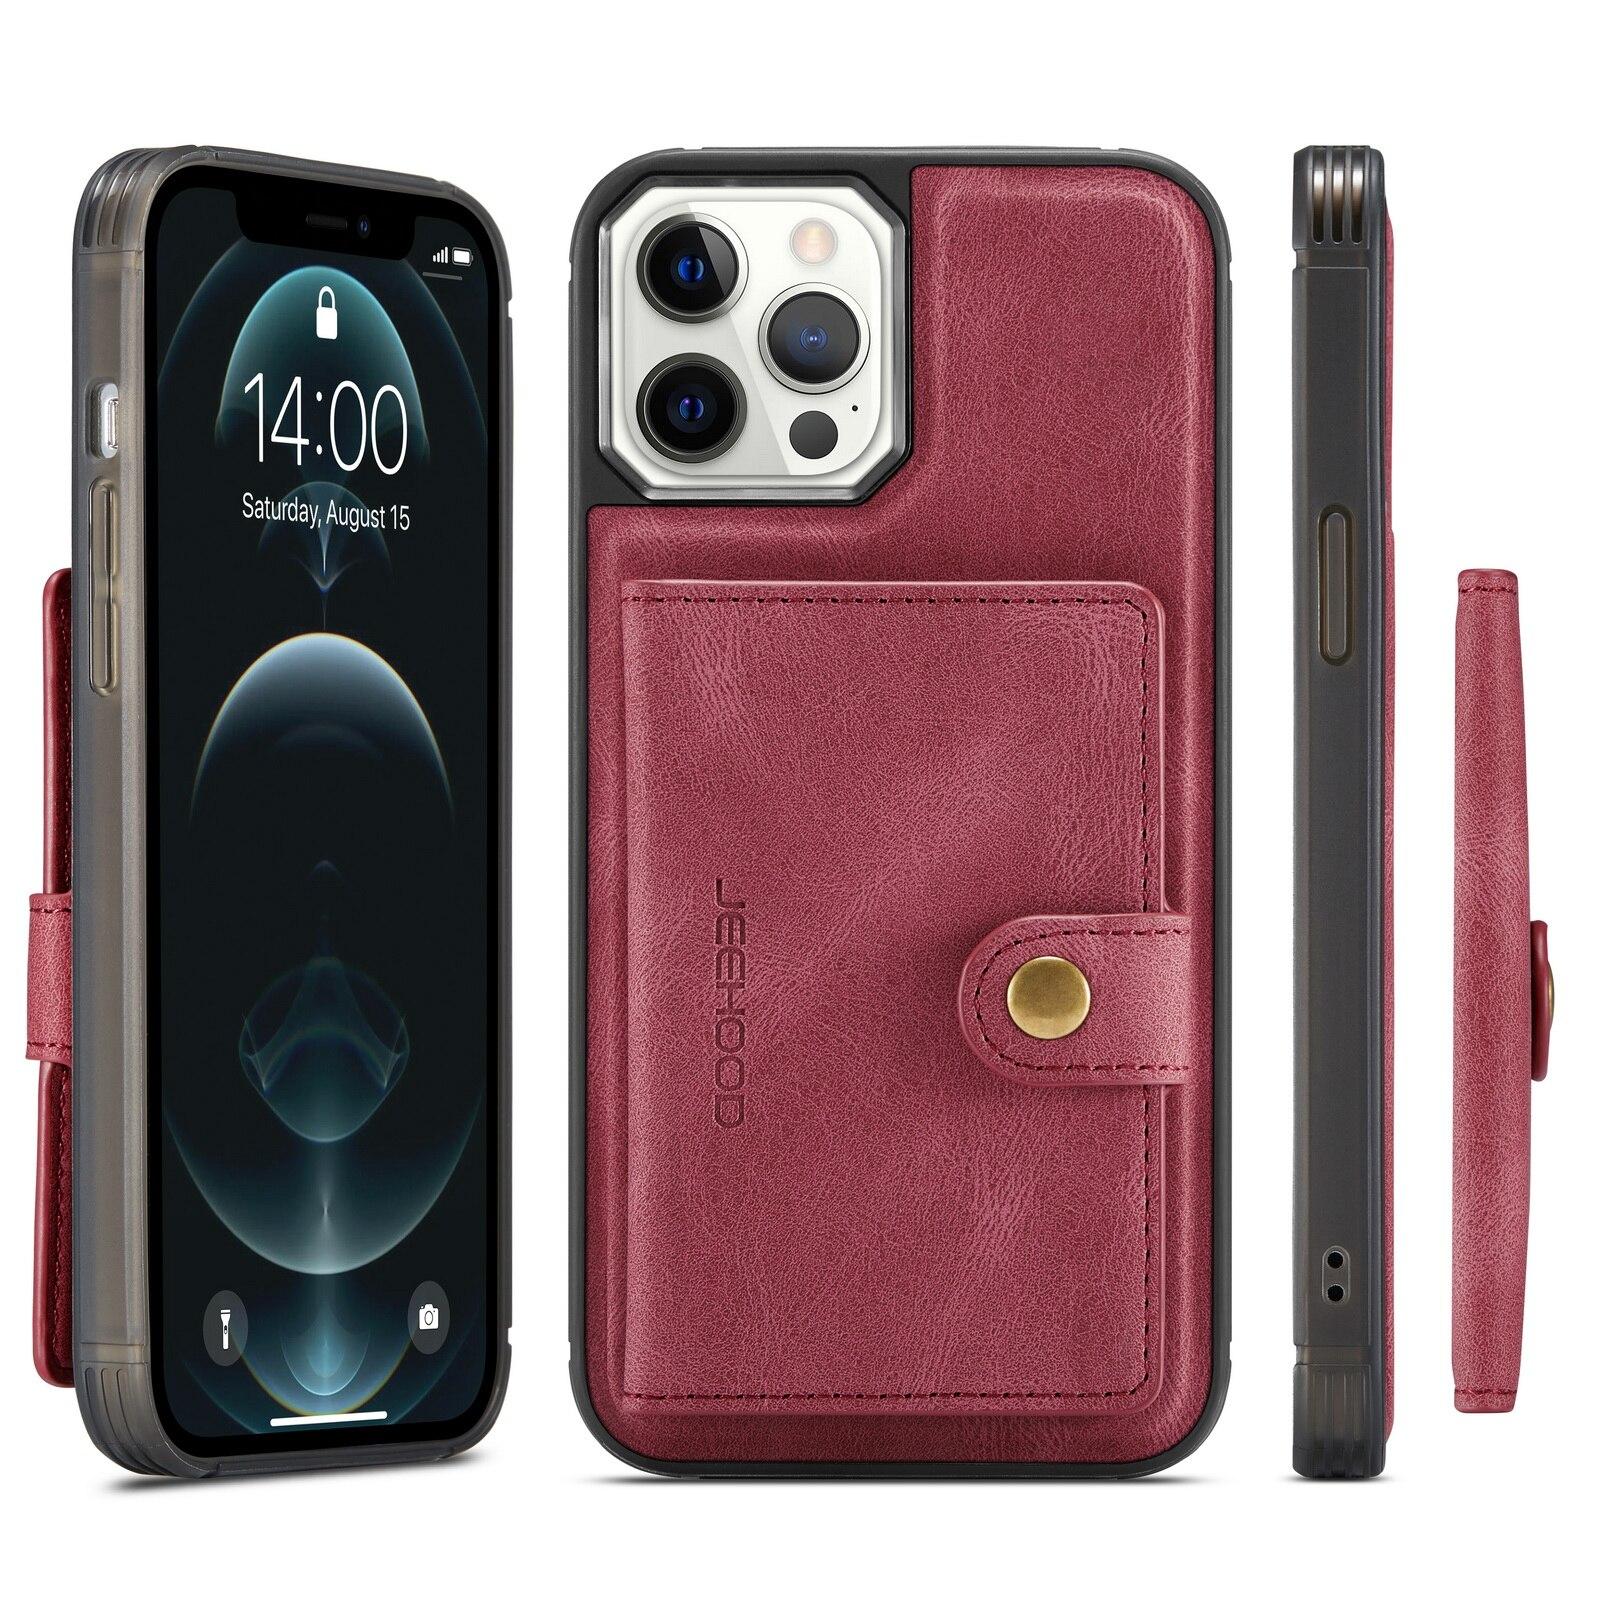 H5854c062679644639e38a034ac8f86f0r Capinha case Capa traseira para o iphone 12 11 pro max xs xr x se 2020 8 7 plus caso do telefone com suporte de cartão de couro magnético destacável carteira saco